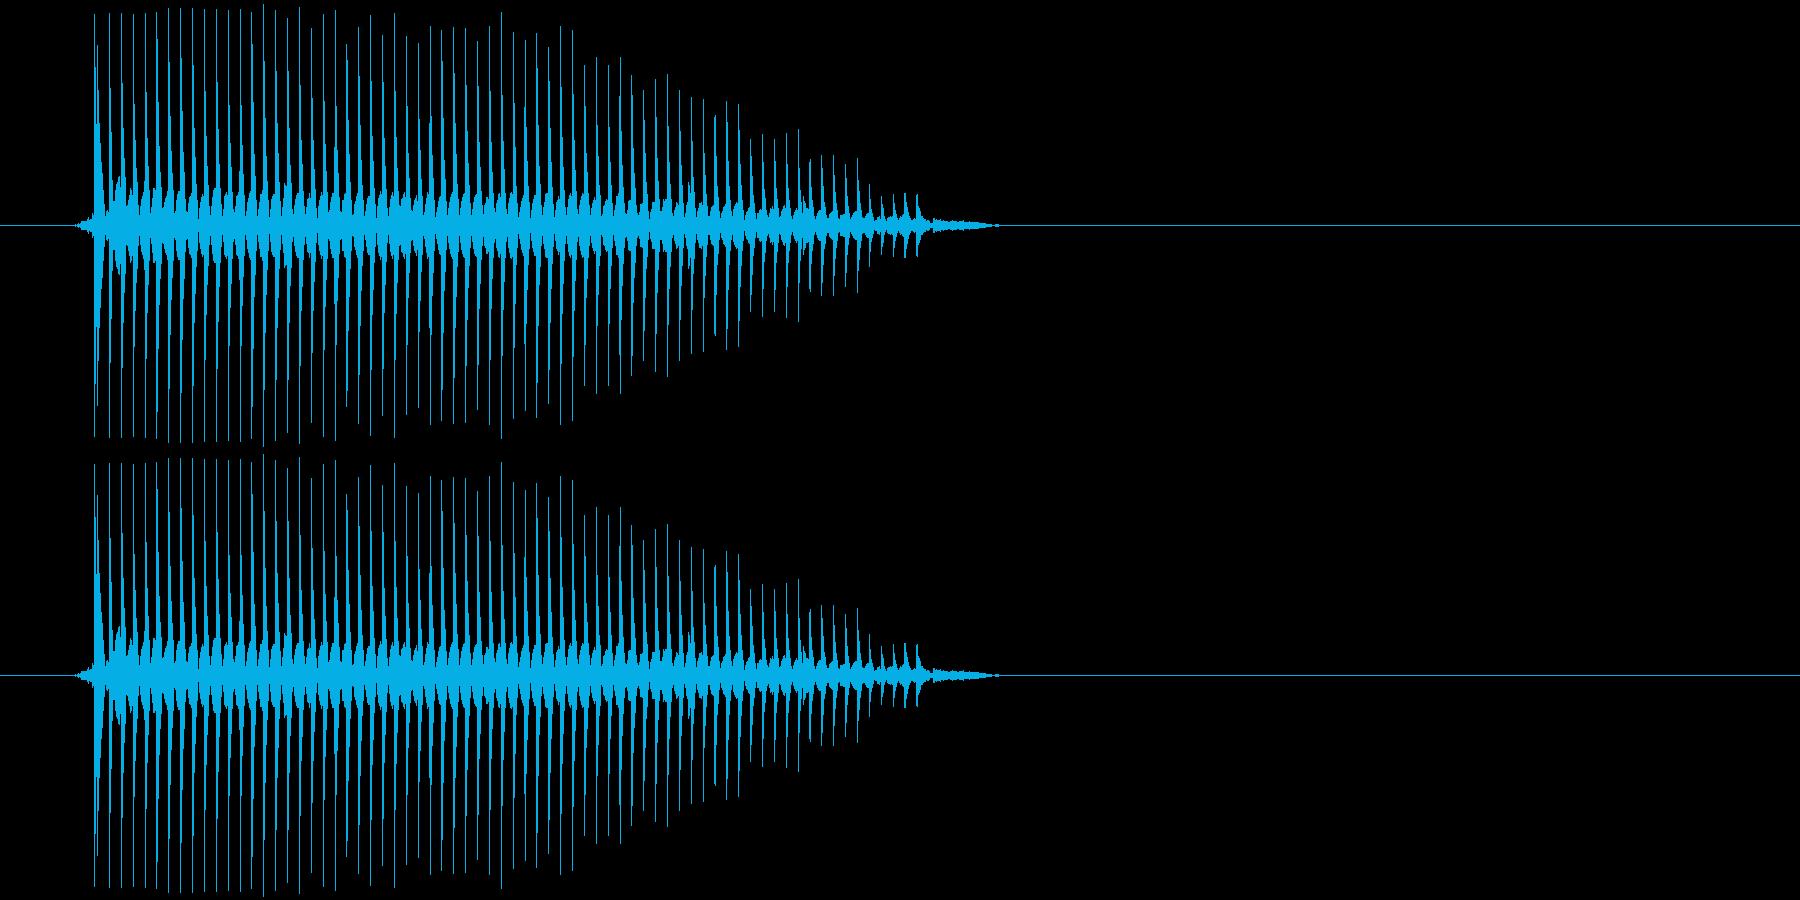 【アプリ/ボタン/チップチューン】の再生済みの波形